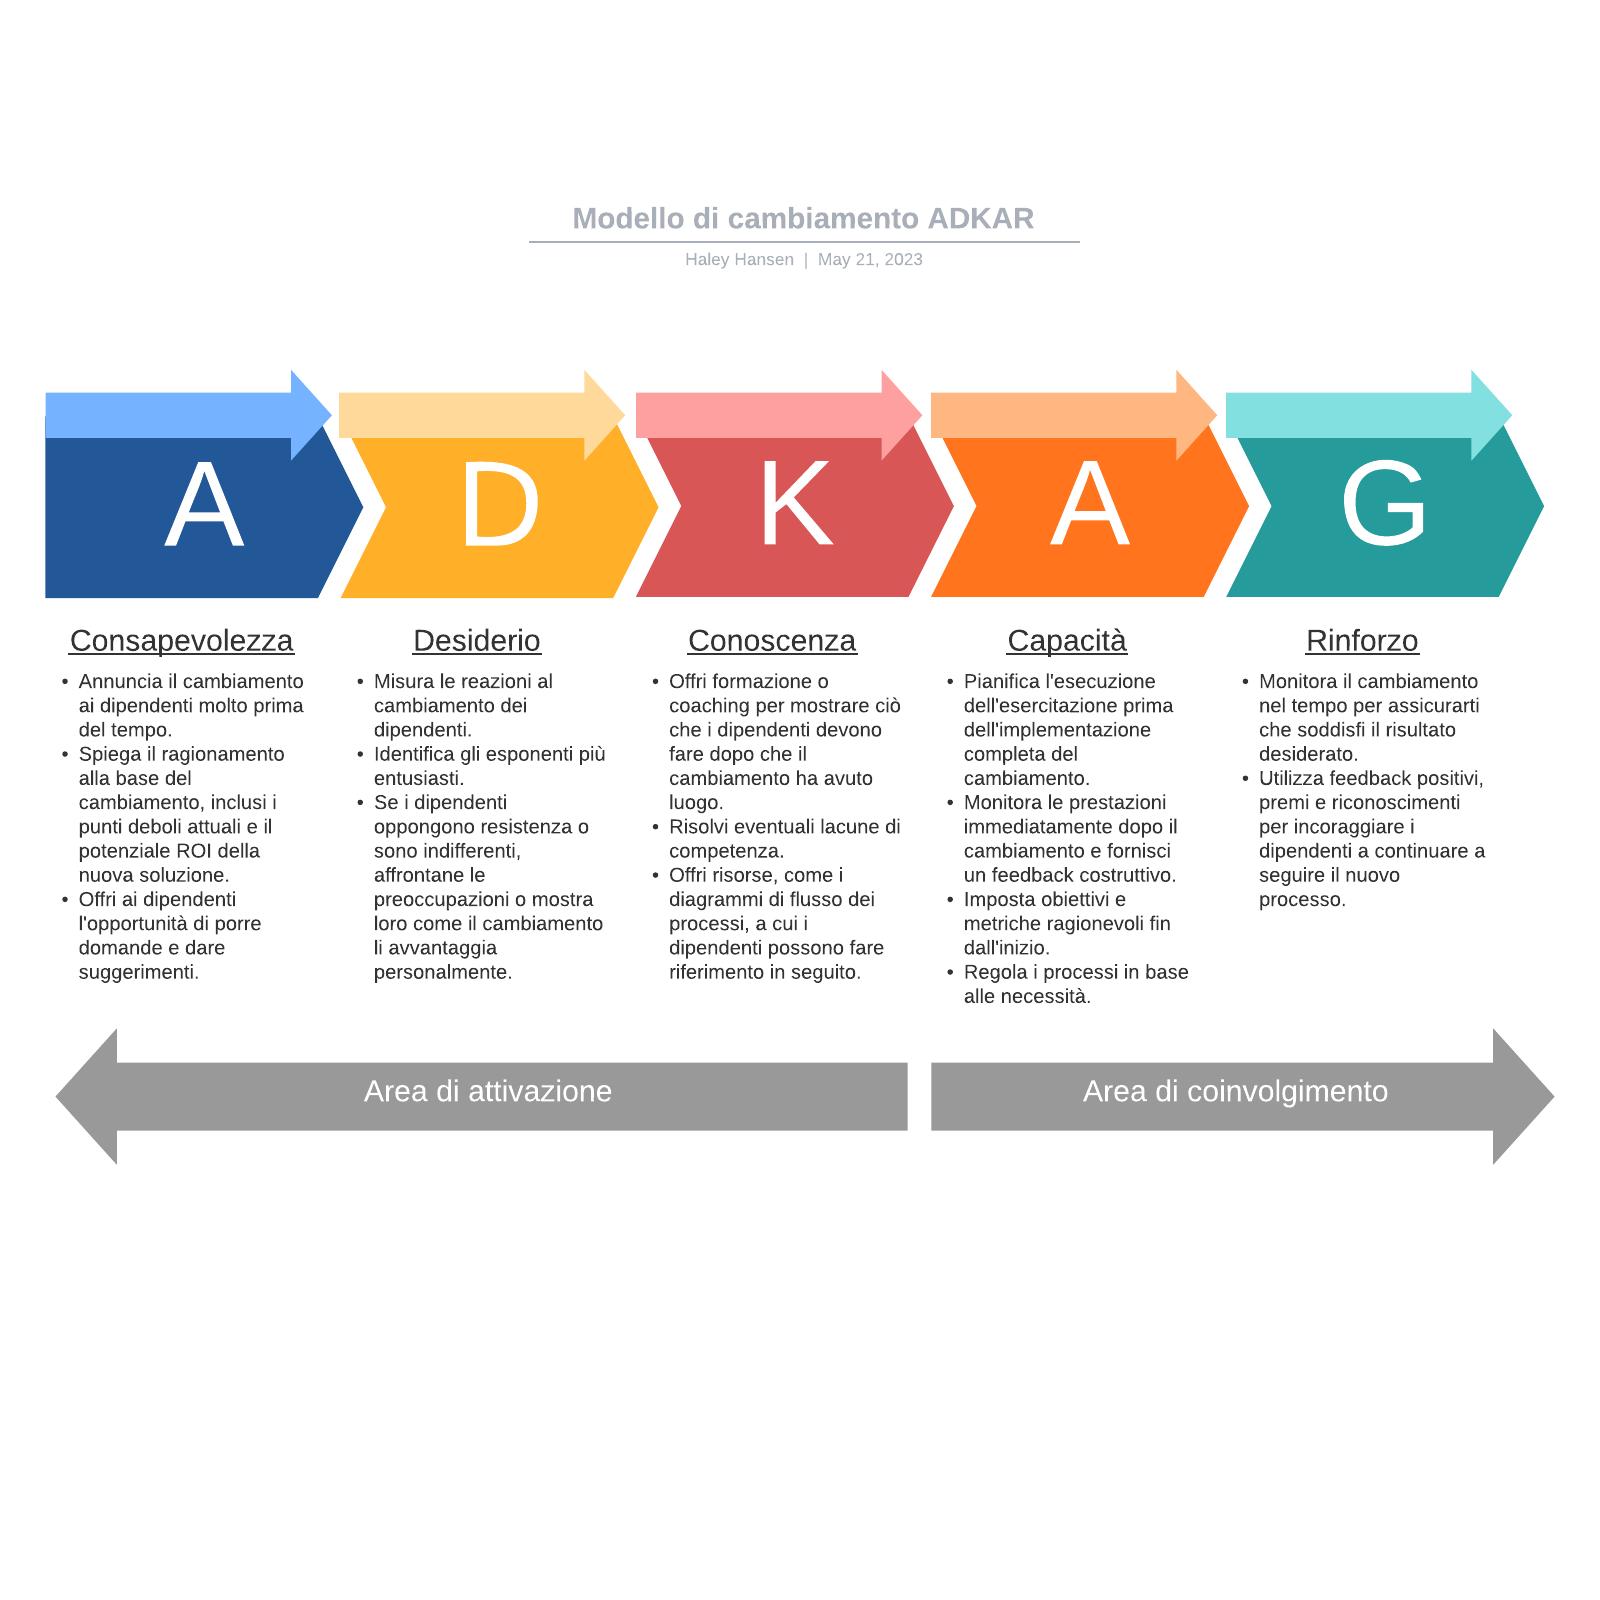 Modello di cambiamento ADKAR